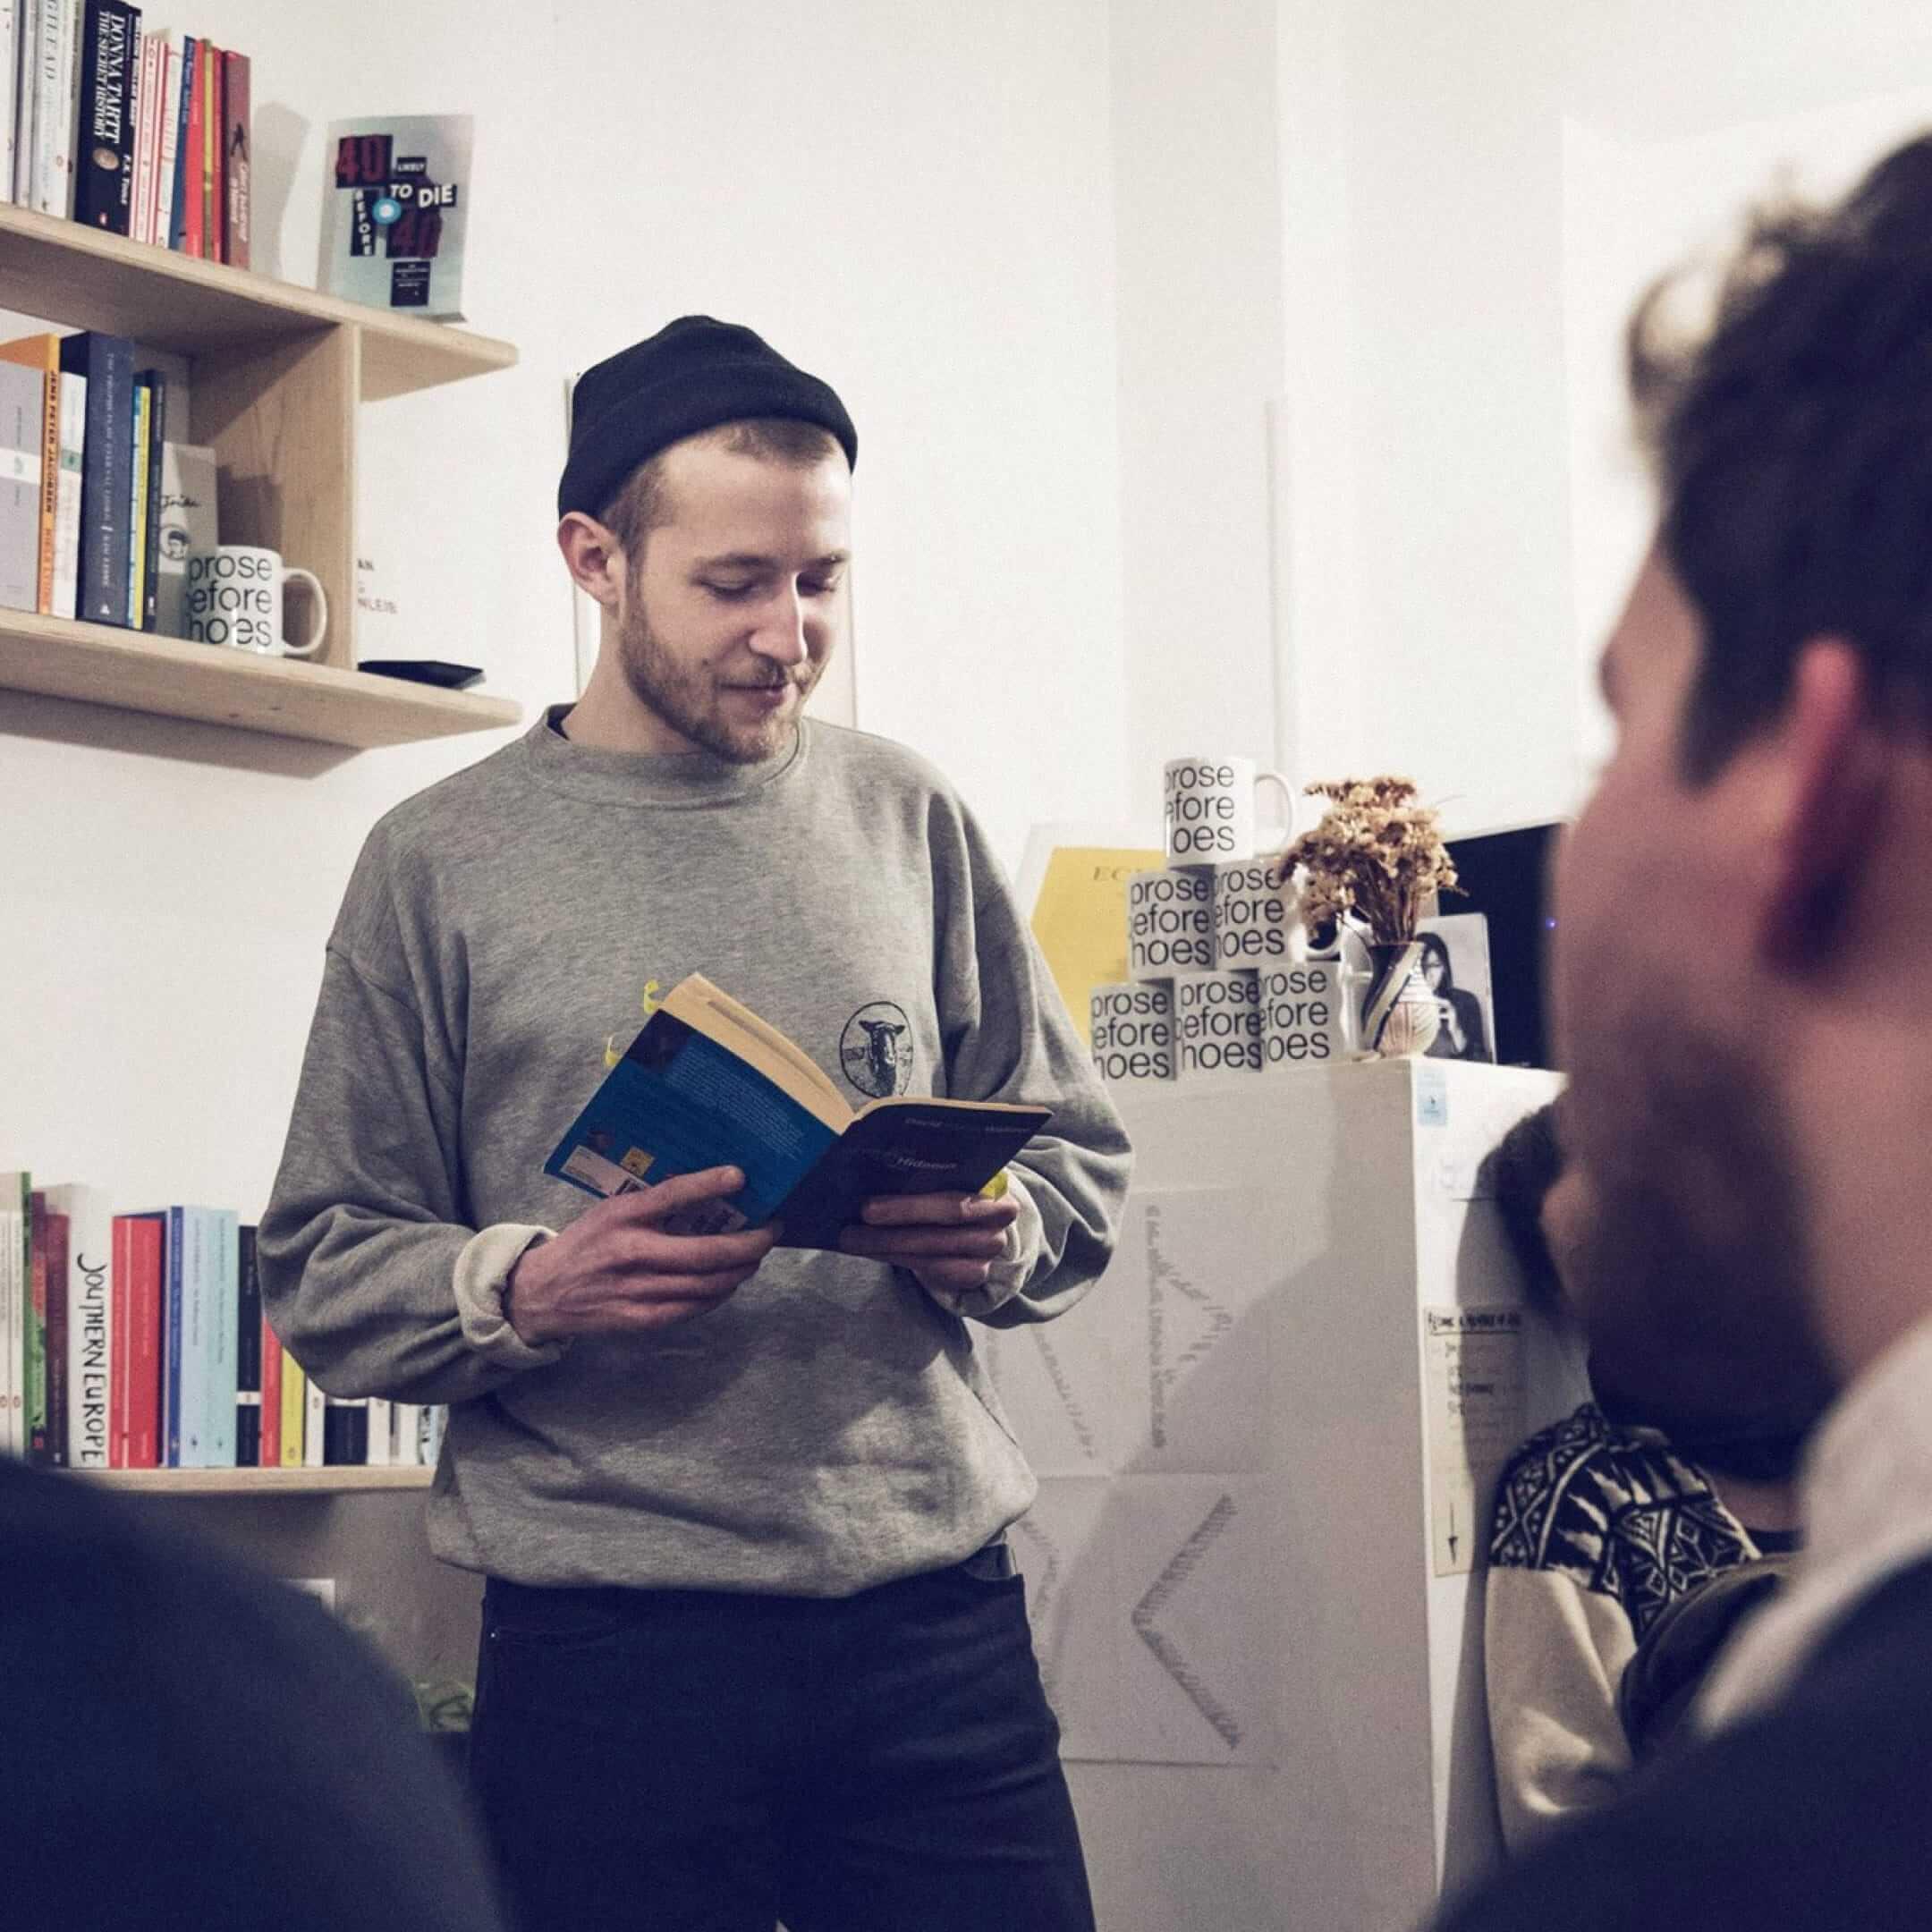 Презентация одной изновинок вкнижном магазине Ark Books, Дания, Копенгаген. Фото: Kristin Kristiansen. Источник: инстаграм-страница магазина